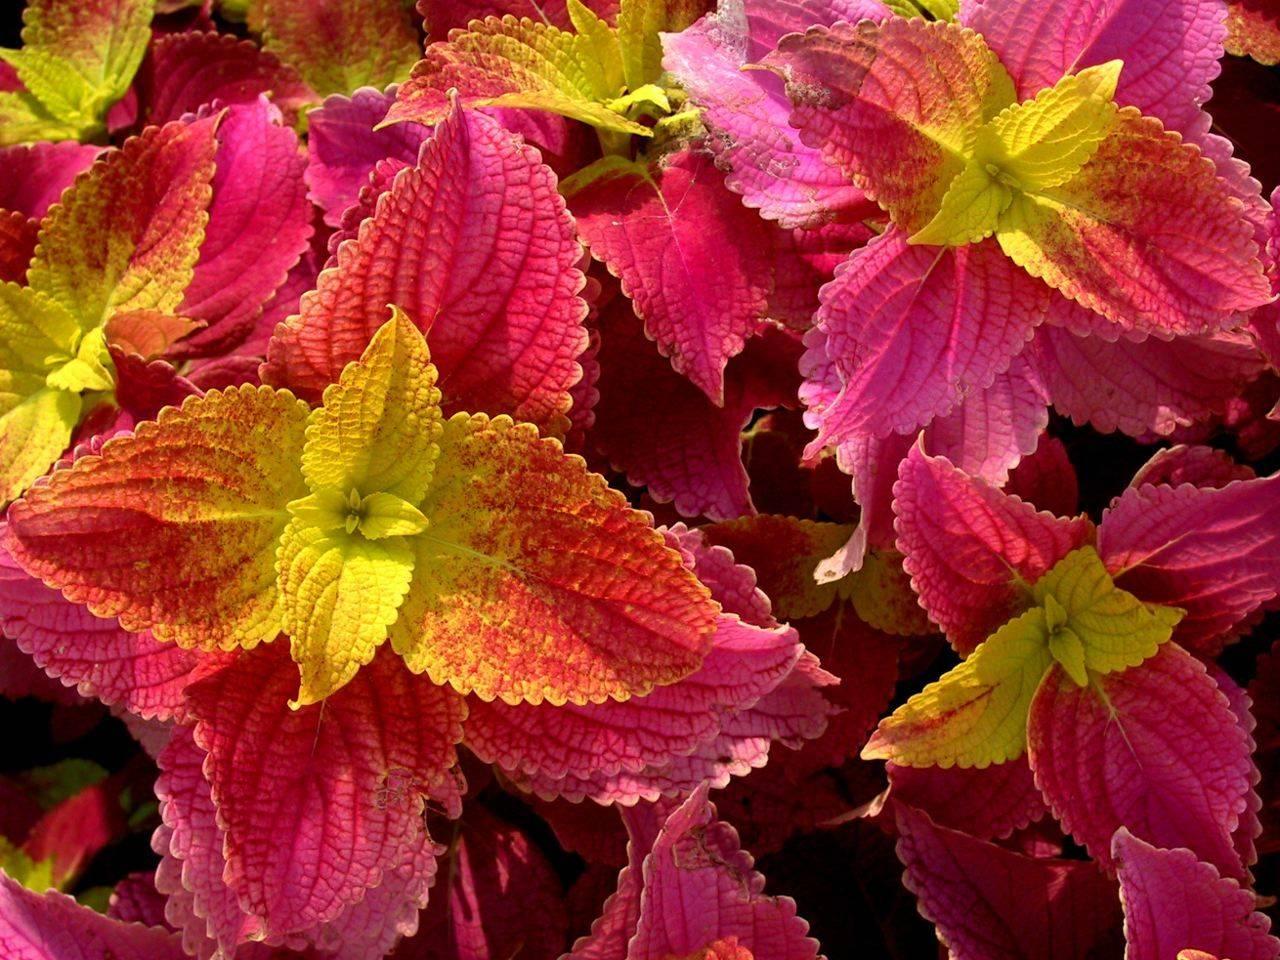 Колеус выращивание из семян в домашних условиях как и когда сеять